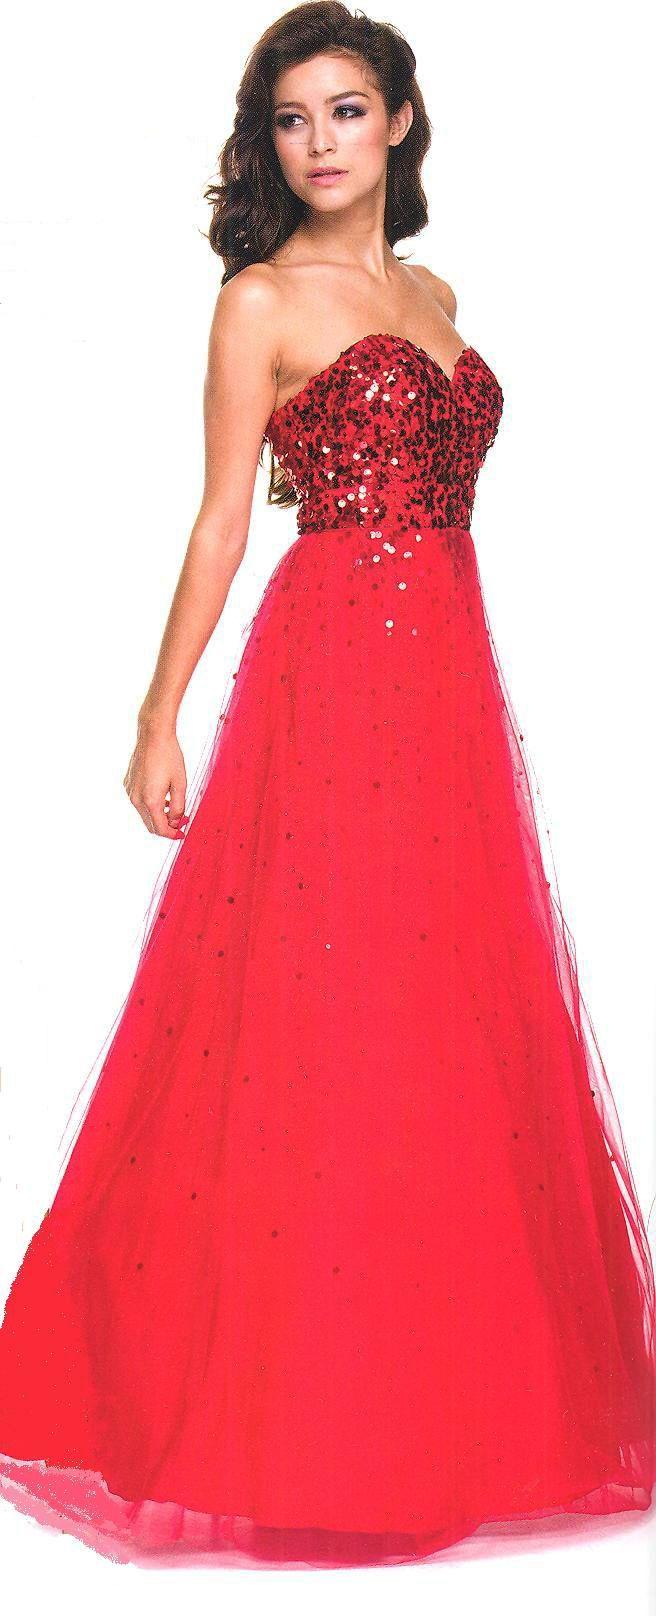 Evening dress ball dress red carpet ready fierce red